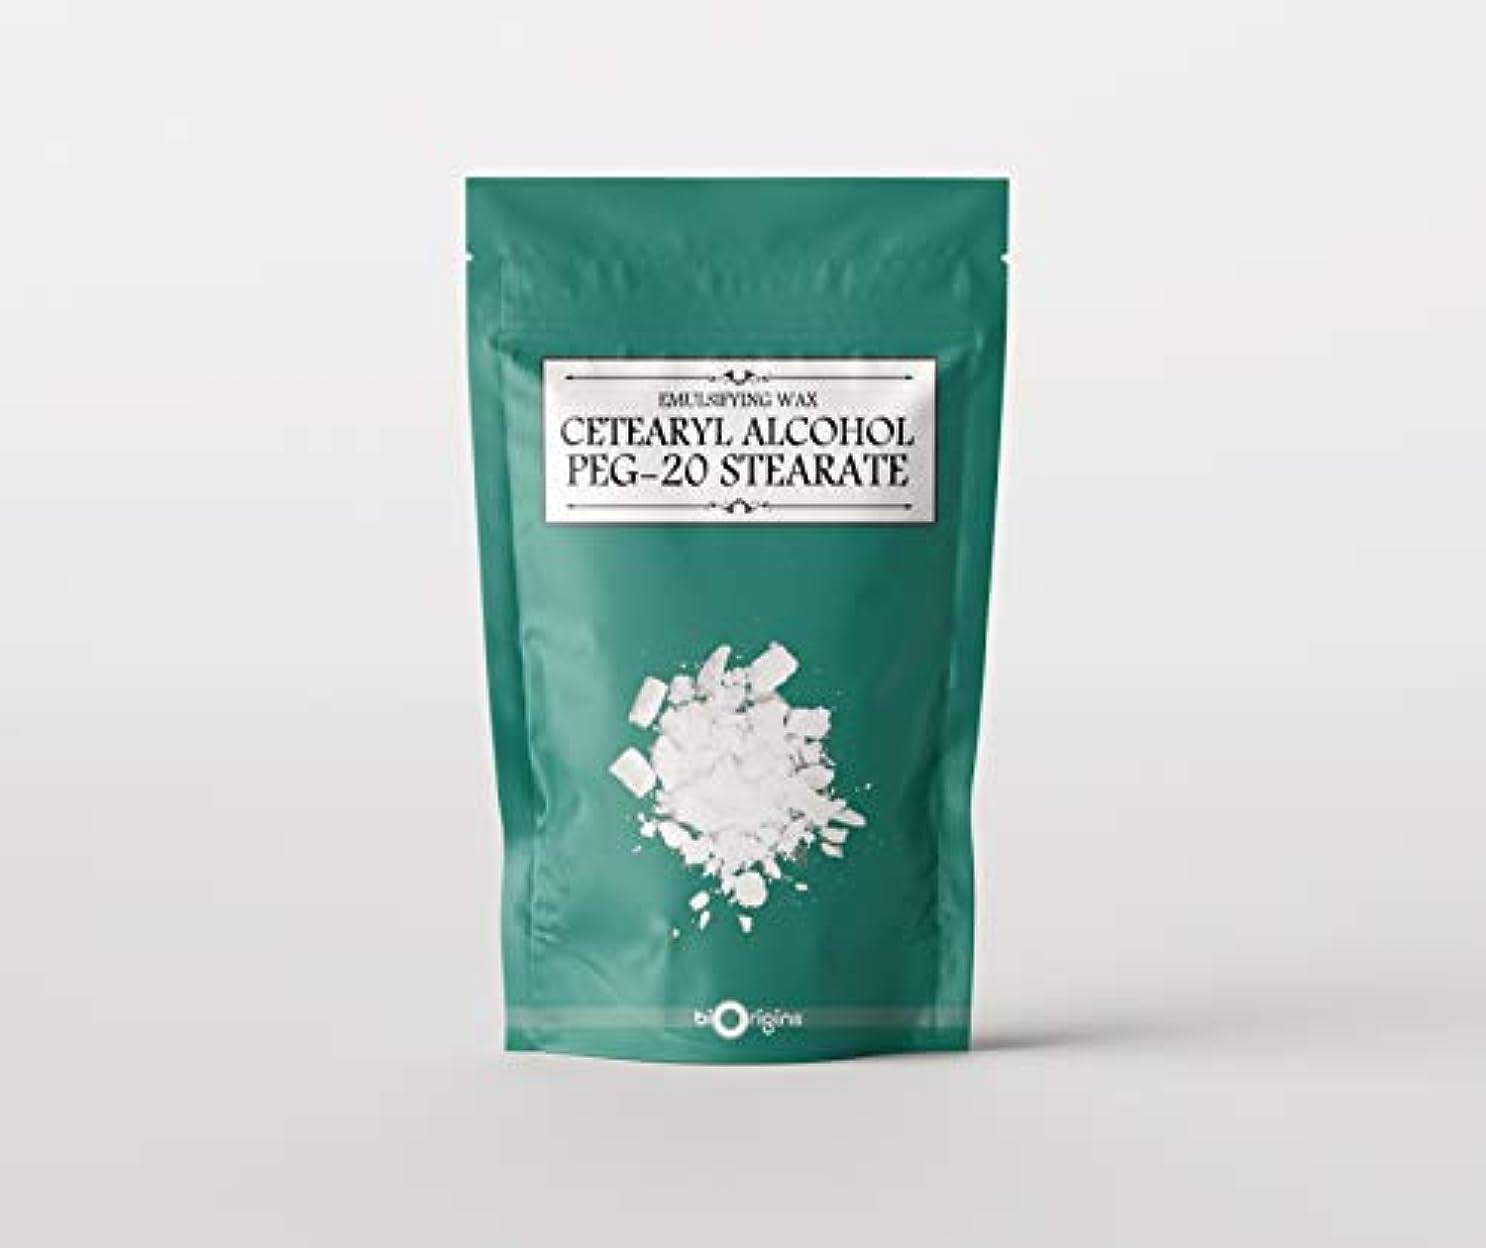 忠実に歴史植生Emulsifying Wax (Cetearyl Alcohol/PEG-20 Stearate) 5Kg